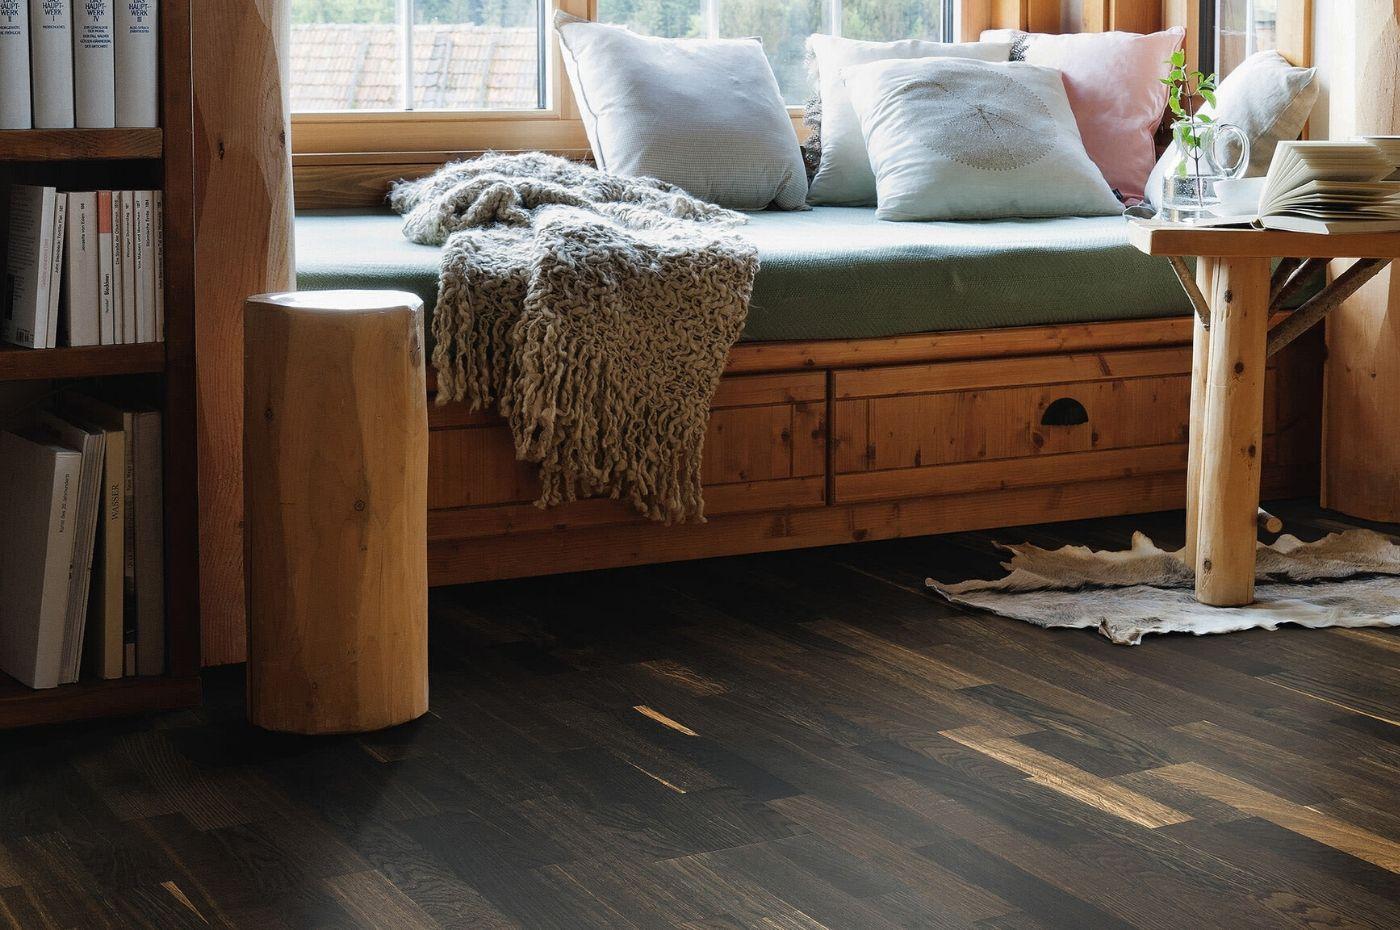 Sàn gỗ 200m2 giá bao nhiêu tiền? Thi công trong bao lâu?